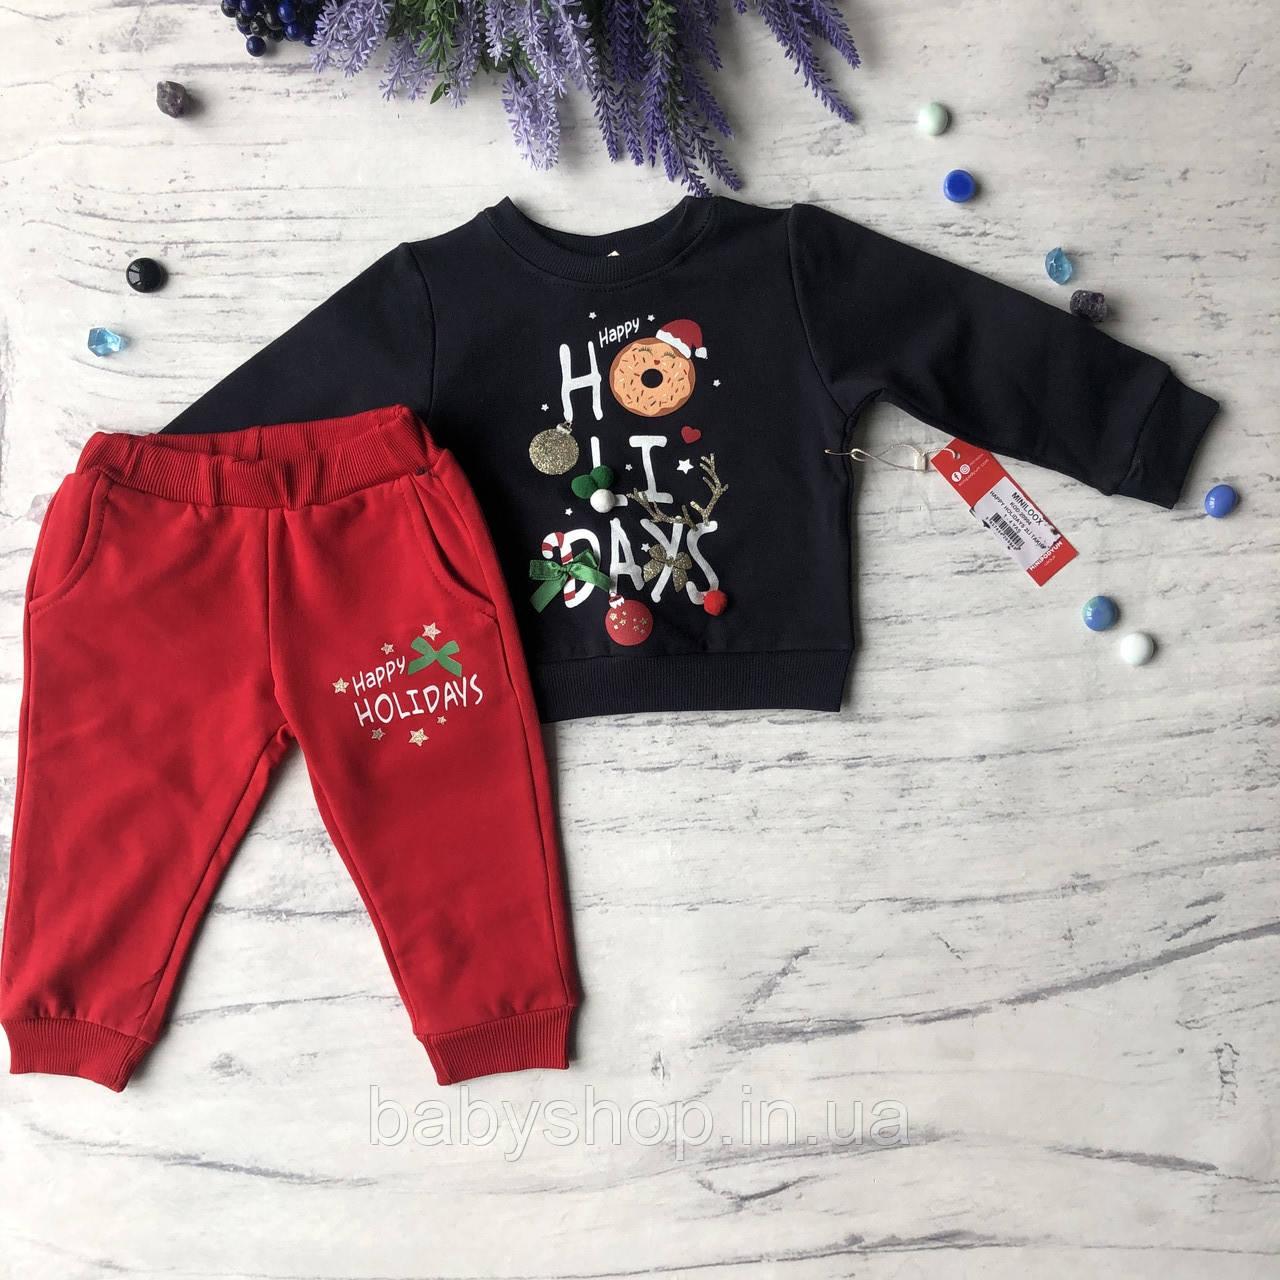 Теплый новогодний костюм на мальчика и девочку 50. Размер 80 см, 86 см, 92 см,  98 см